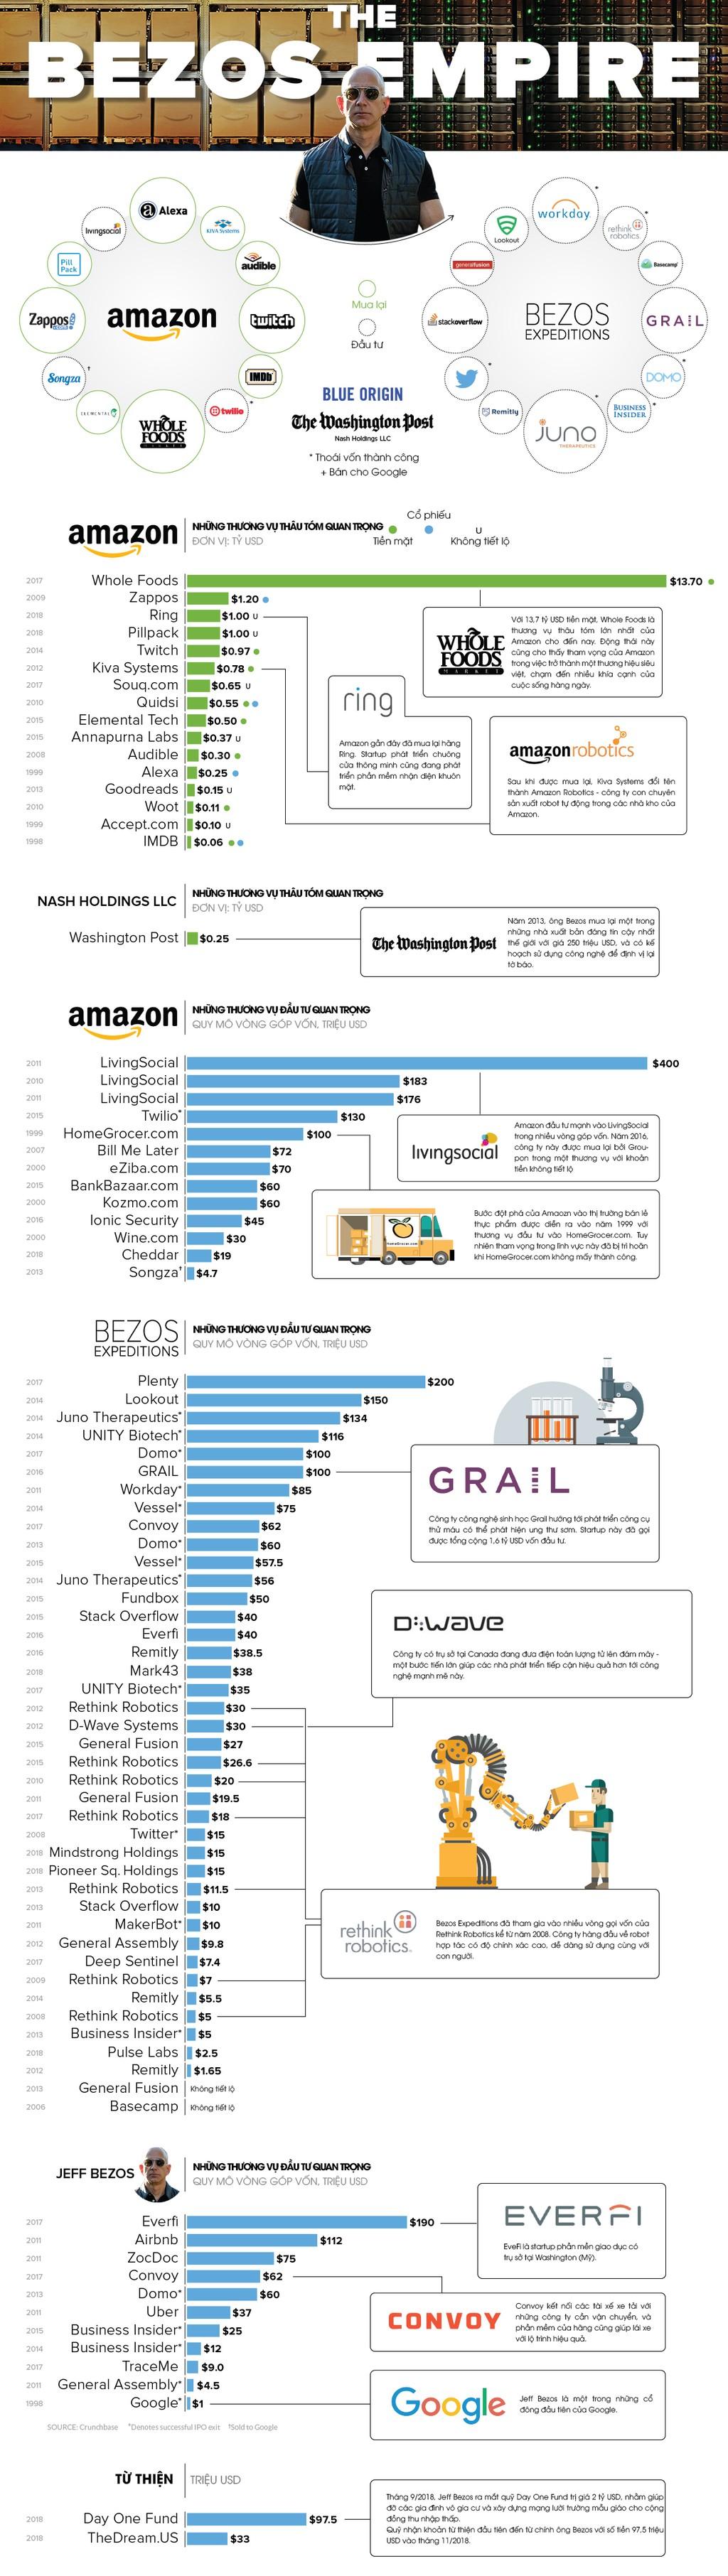 Đế chế khổng lồ của tỷ phú Jeff Bezos - ảnh 1